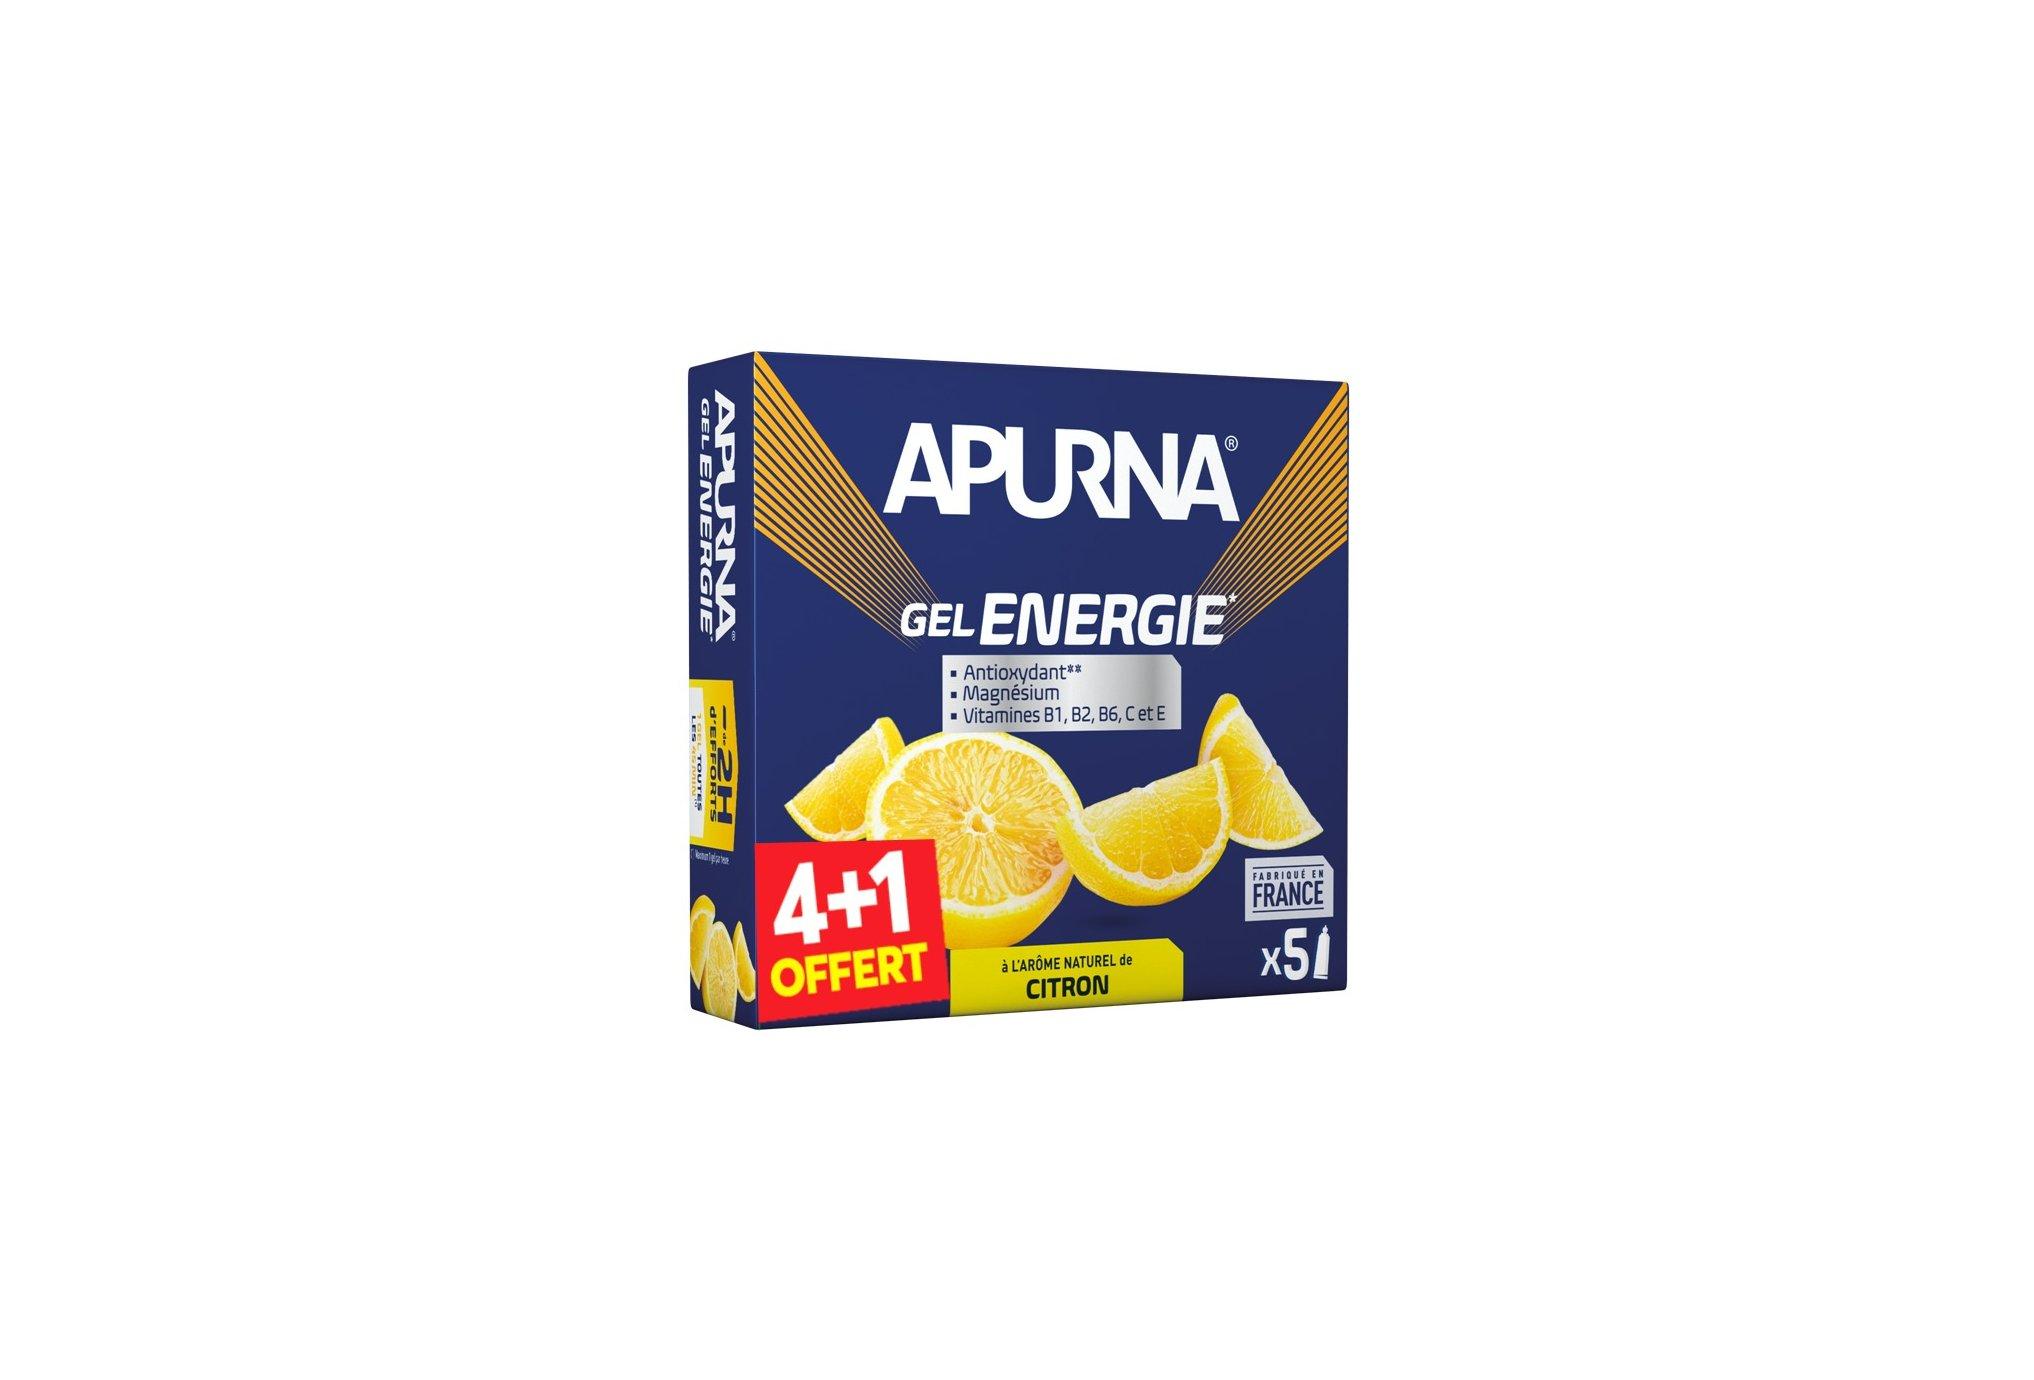 Apurna Étui gels -2h citron 4+1 diététique gels